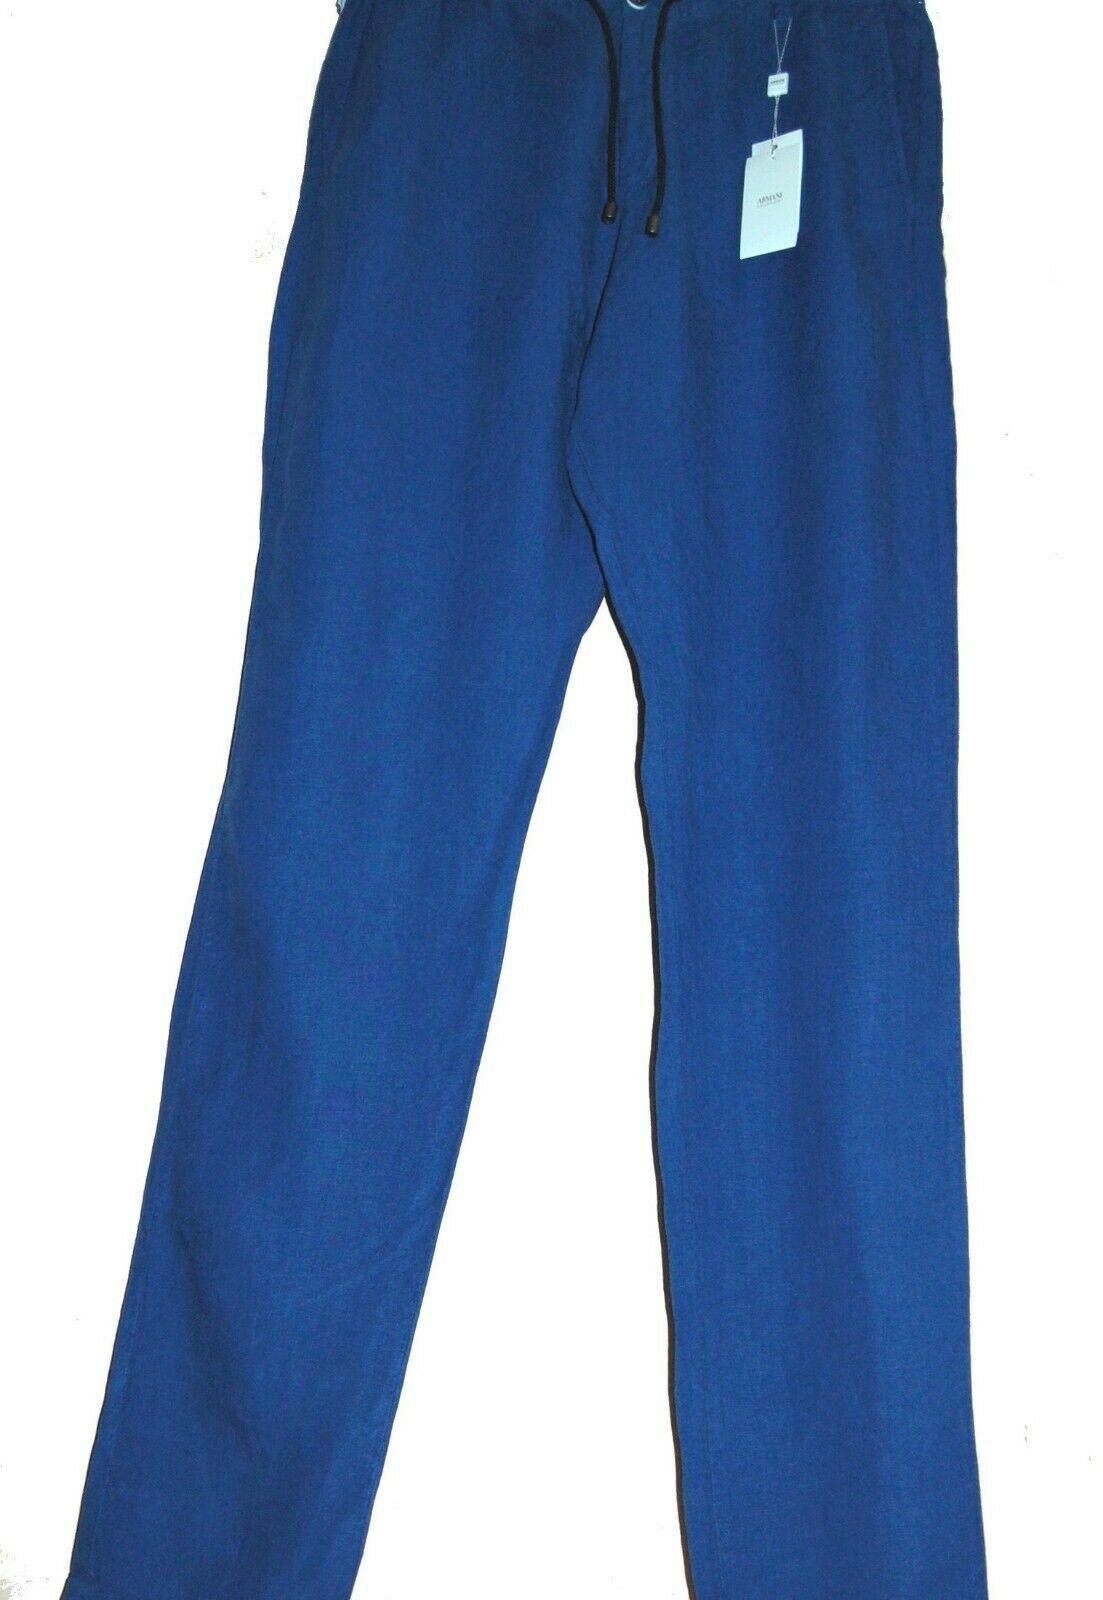 Armani Collezioni Blue Linen Men's Casual Pants  Sz US 34 EU 50  Fit Large $259 - $130.68